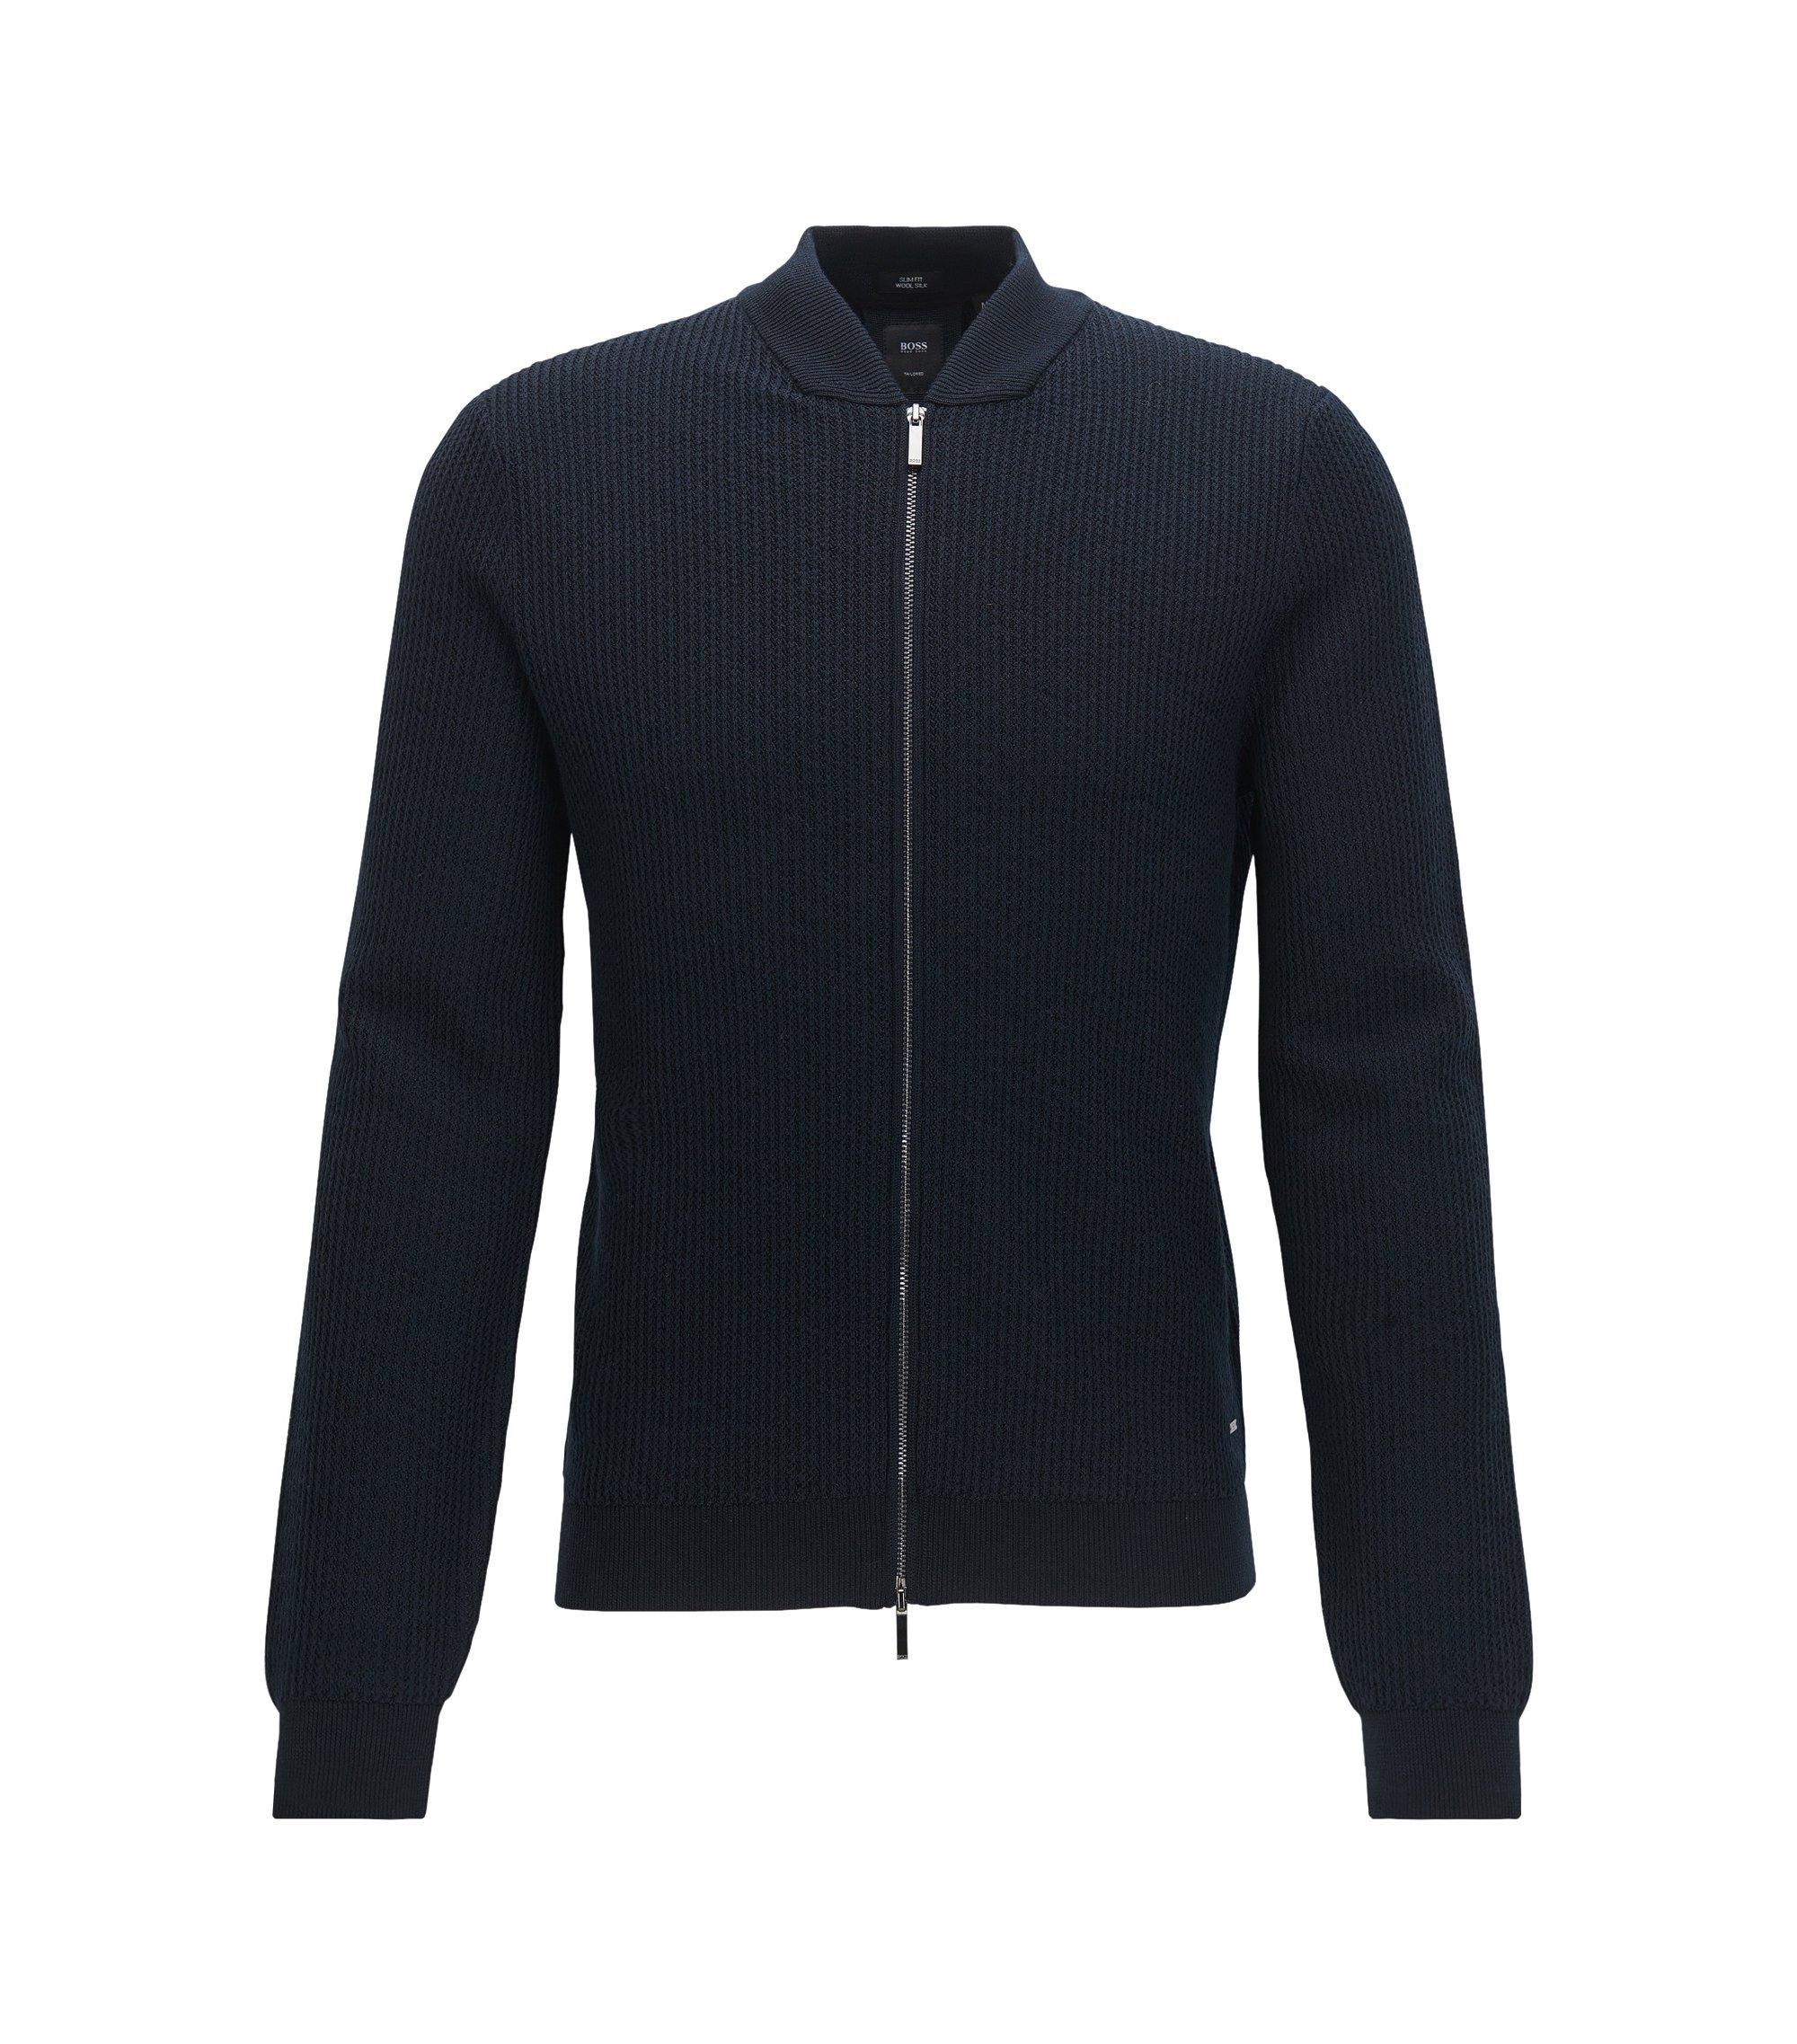 Veste zippée en maille côtelée de laine vierge mélangée, Bleu foncé